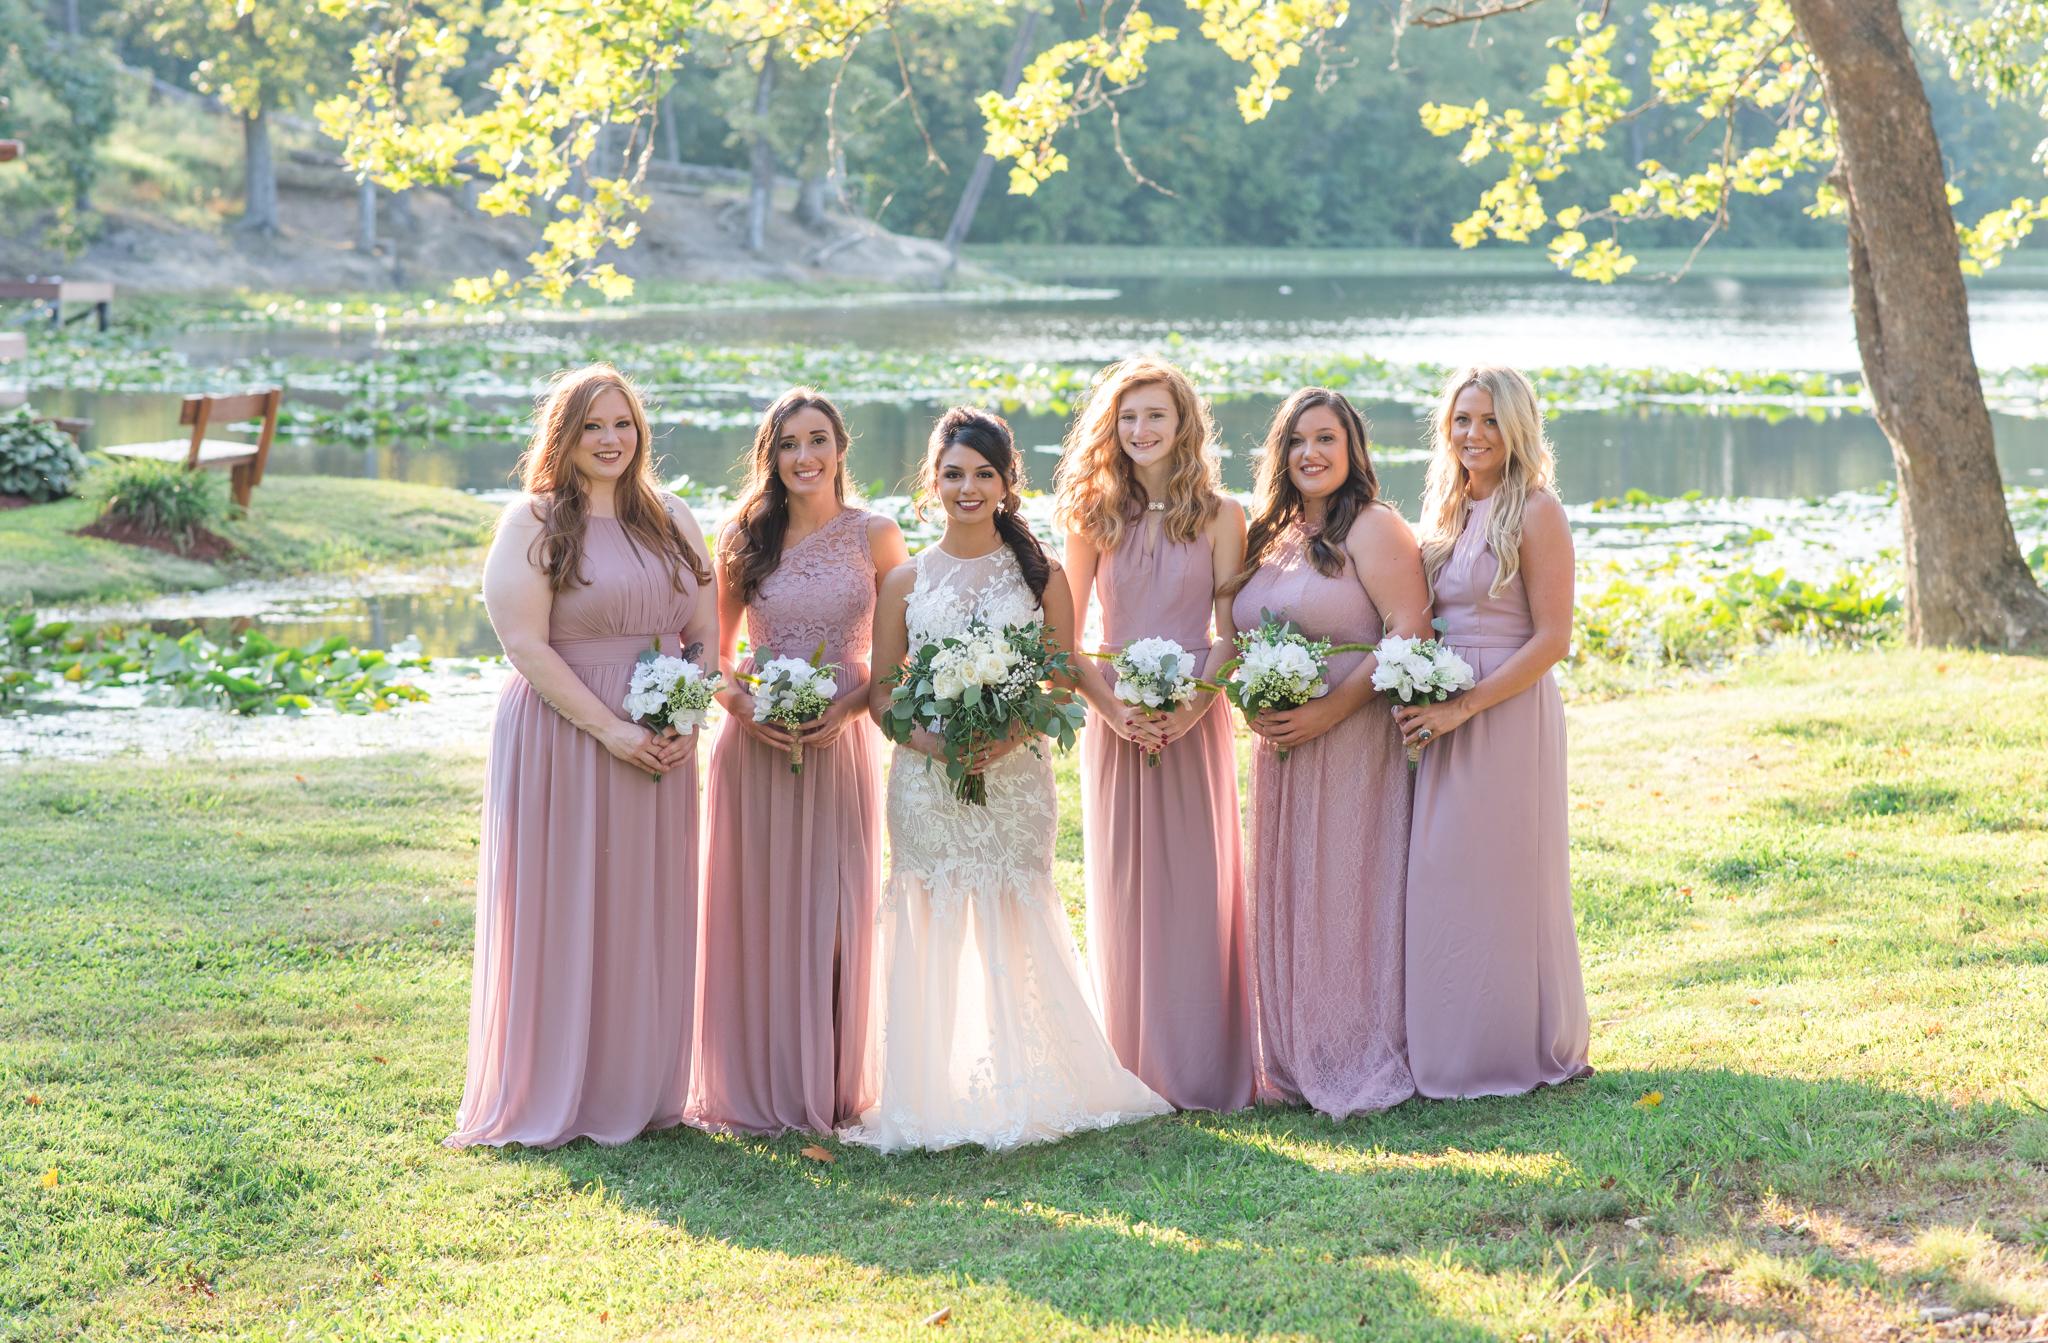 bridesmaids, bride, Kentucky, wedding photos, Stanton, Red River Gorge